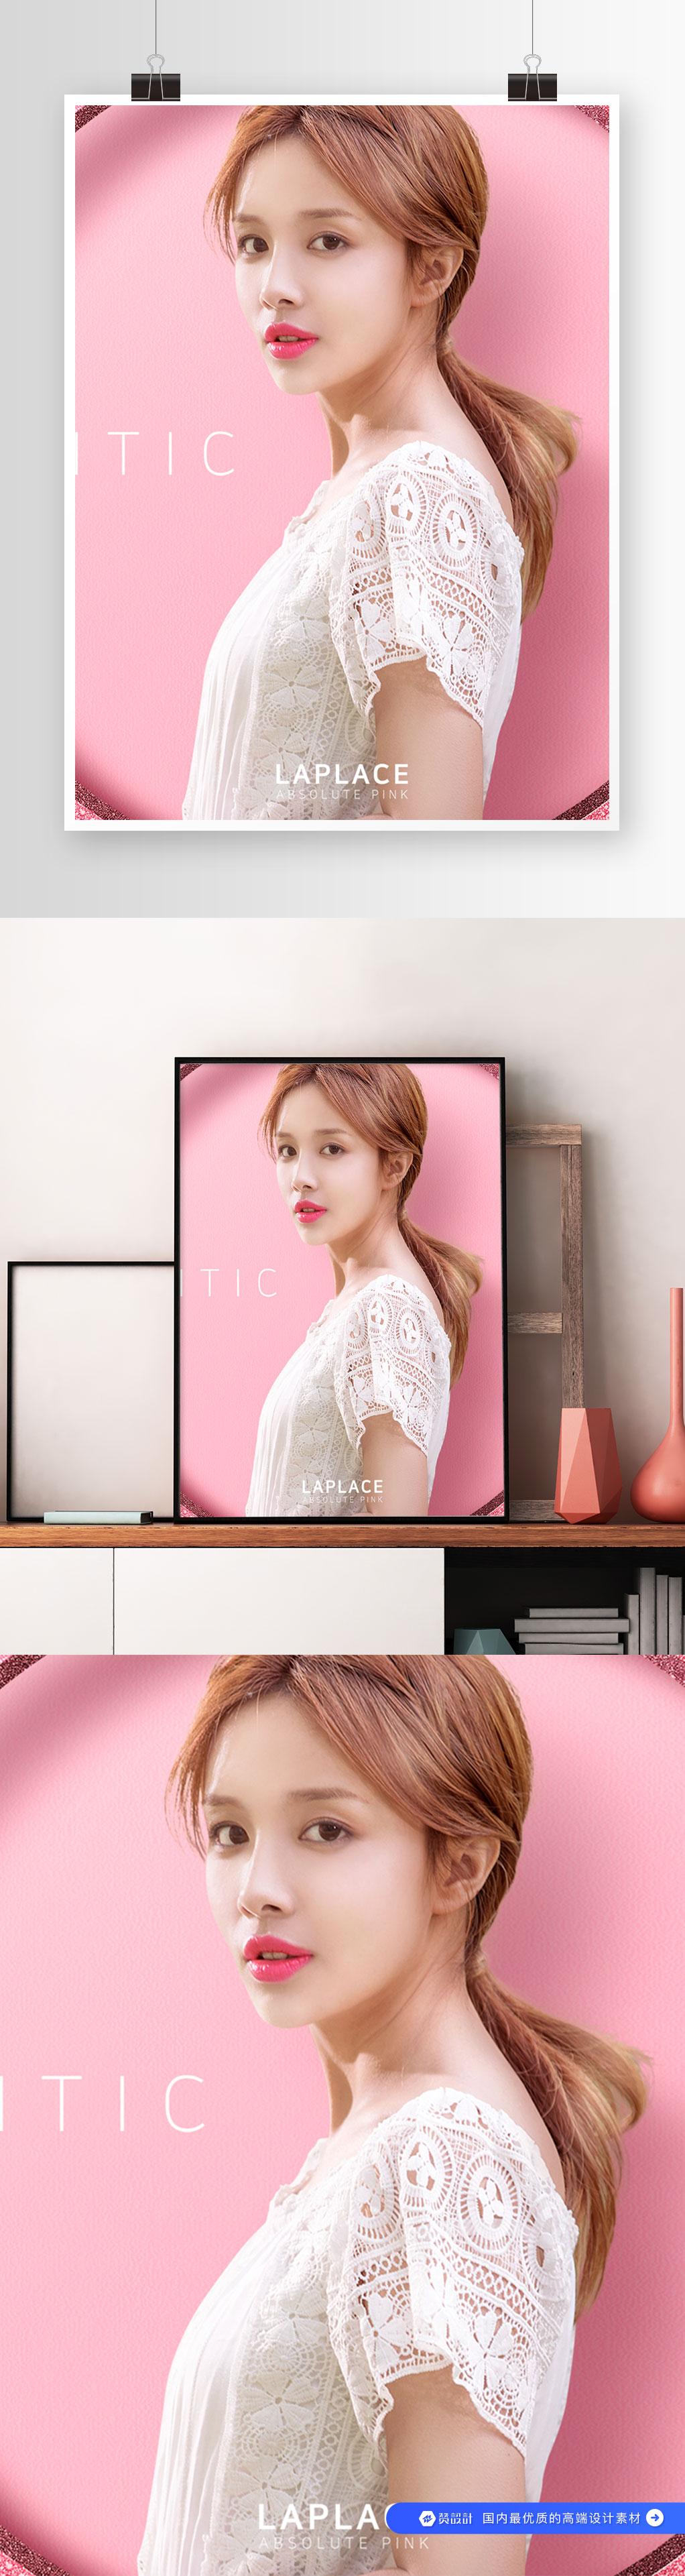 粉色简约美女化妆品护肤品宣传海报素材模板